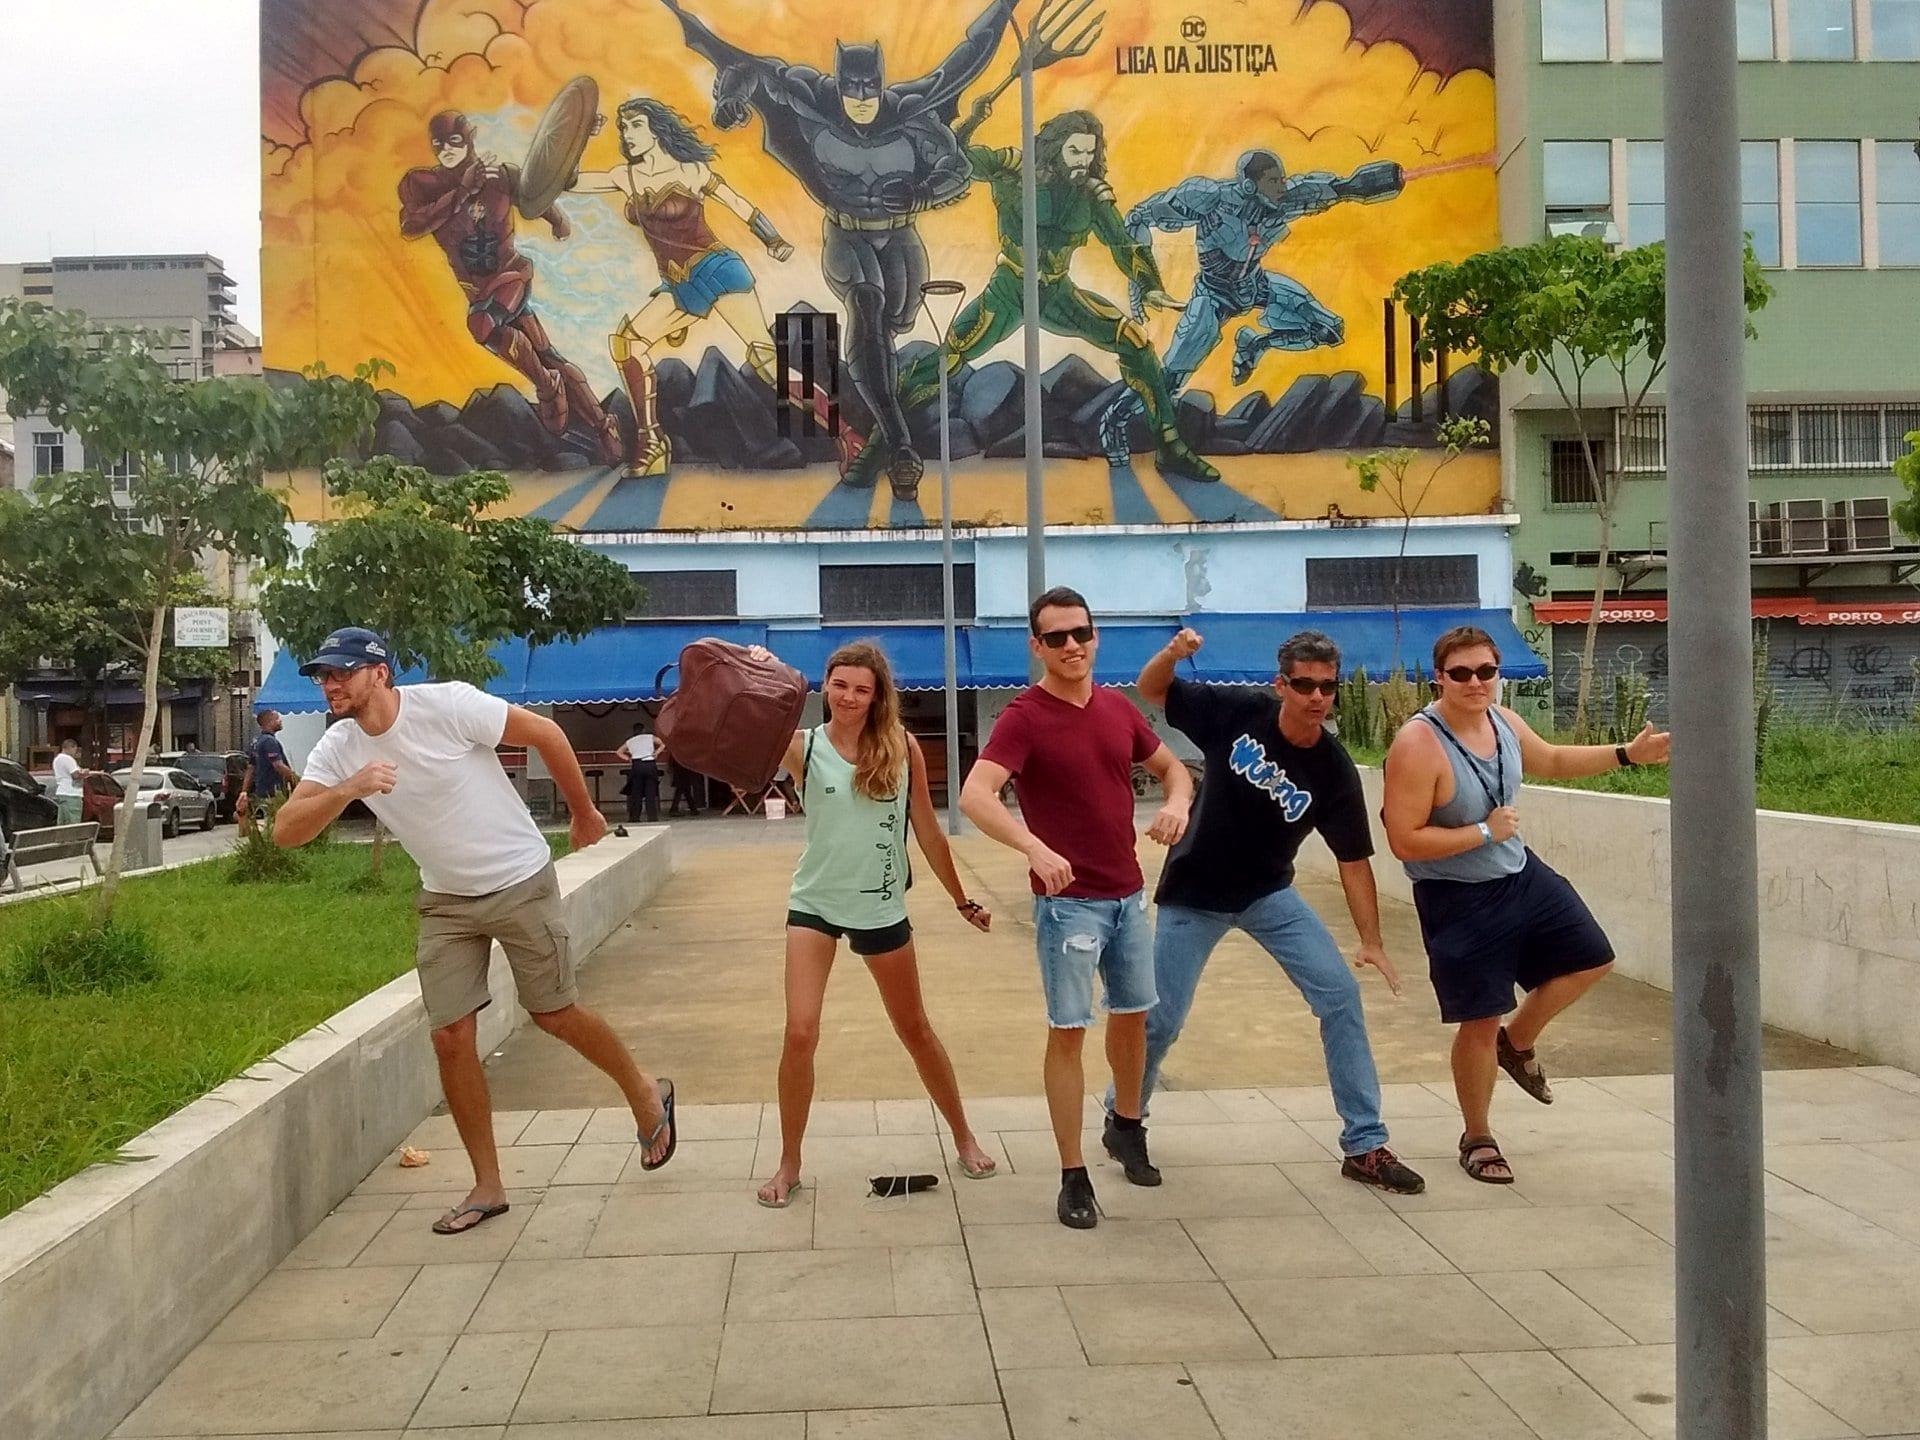 Imitando a la Liga de la Justicia en Río de Janeiro en frente al Graffiti de la Liga de la Justicia.